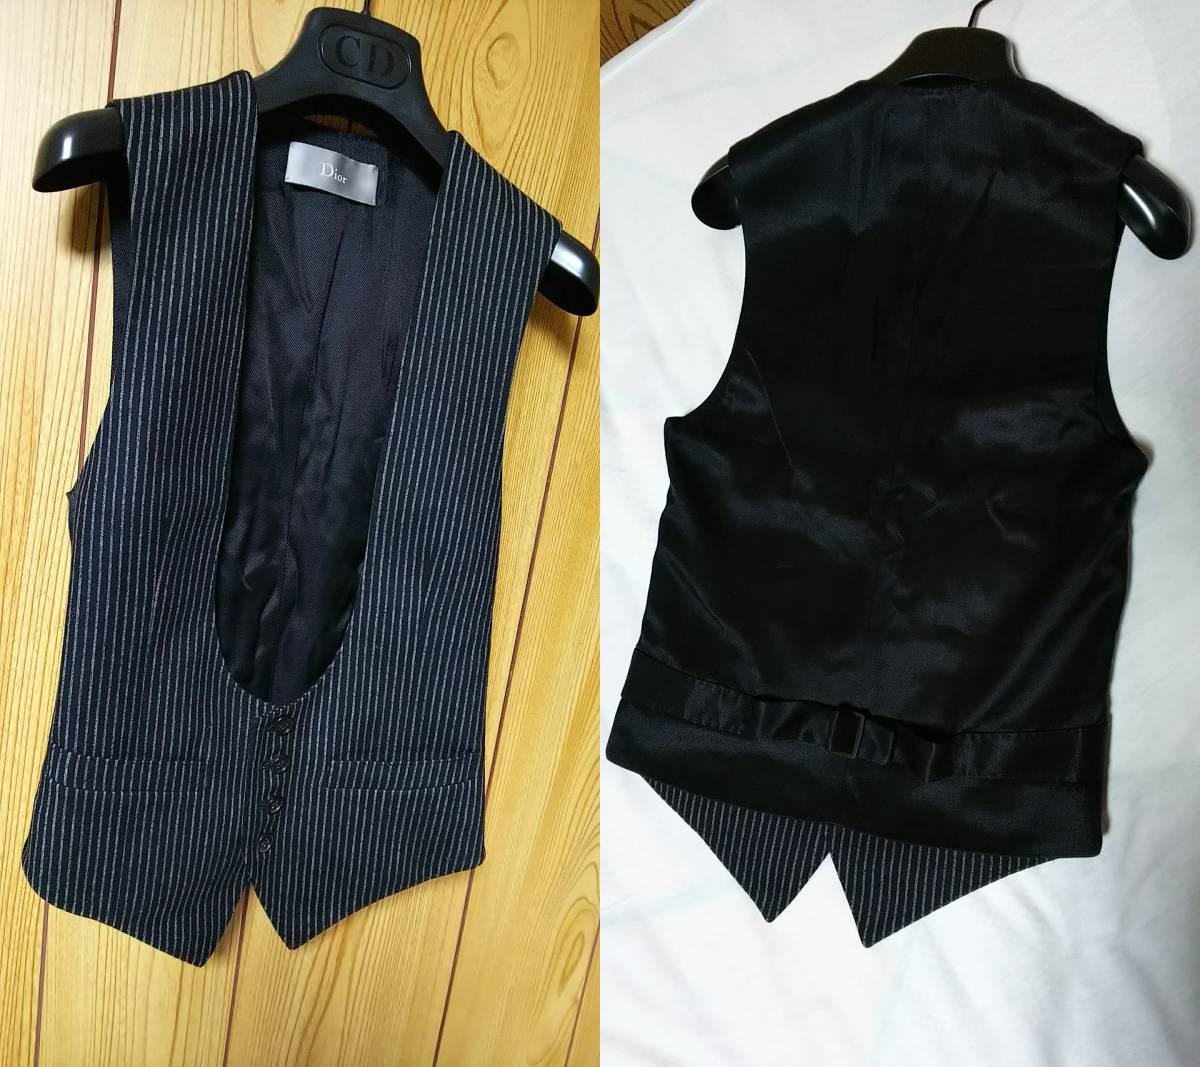 国内正規 美 Dior Hommeディオールオム Uカットドレスジレ黒 ブラック×ストライプベスト 最小38 XXS 6H エディ期 ジャケット以上の存在感!_画像8